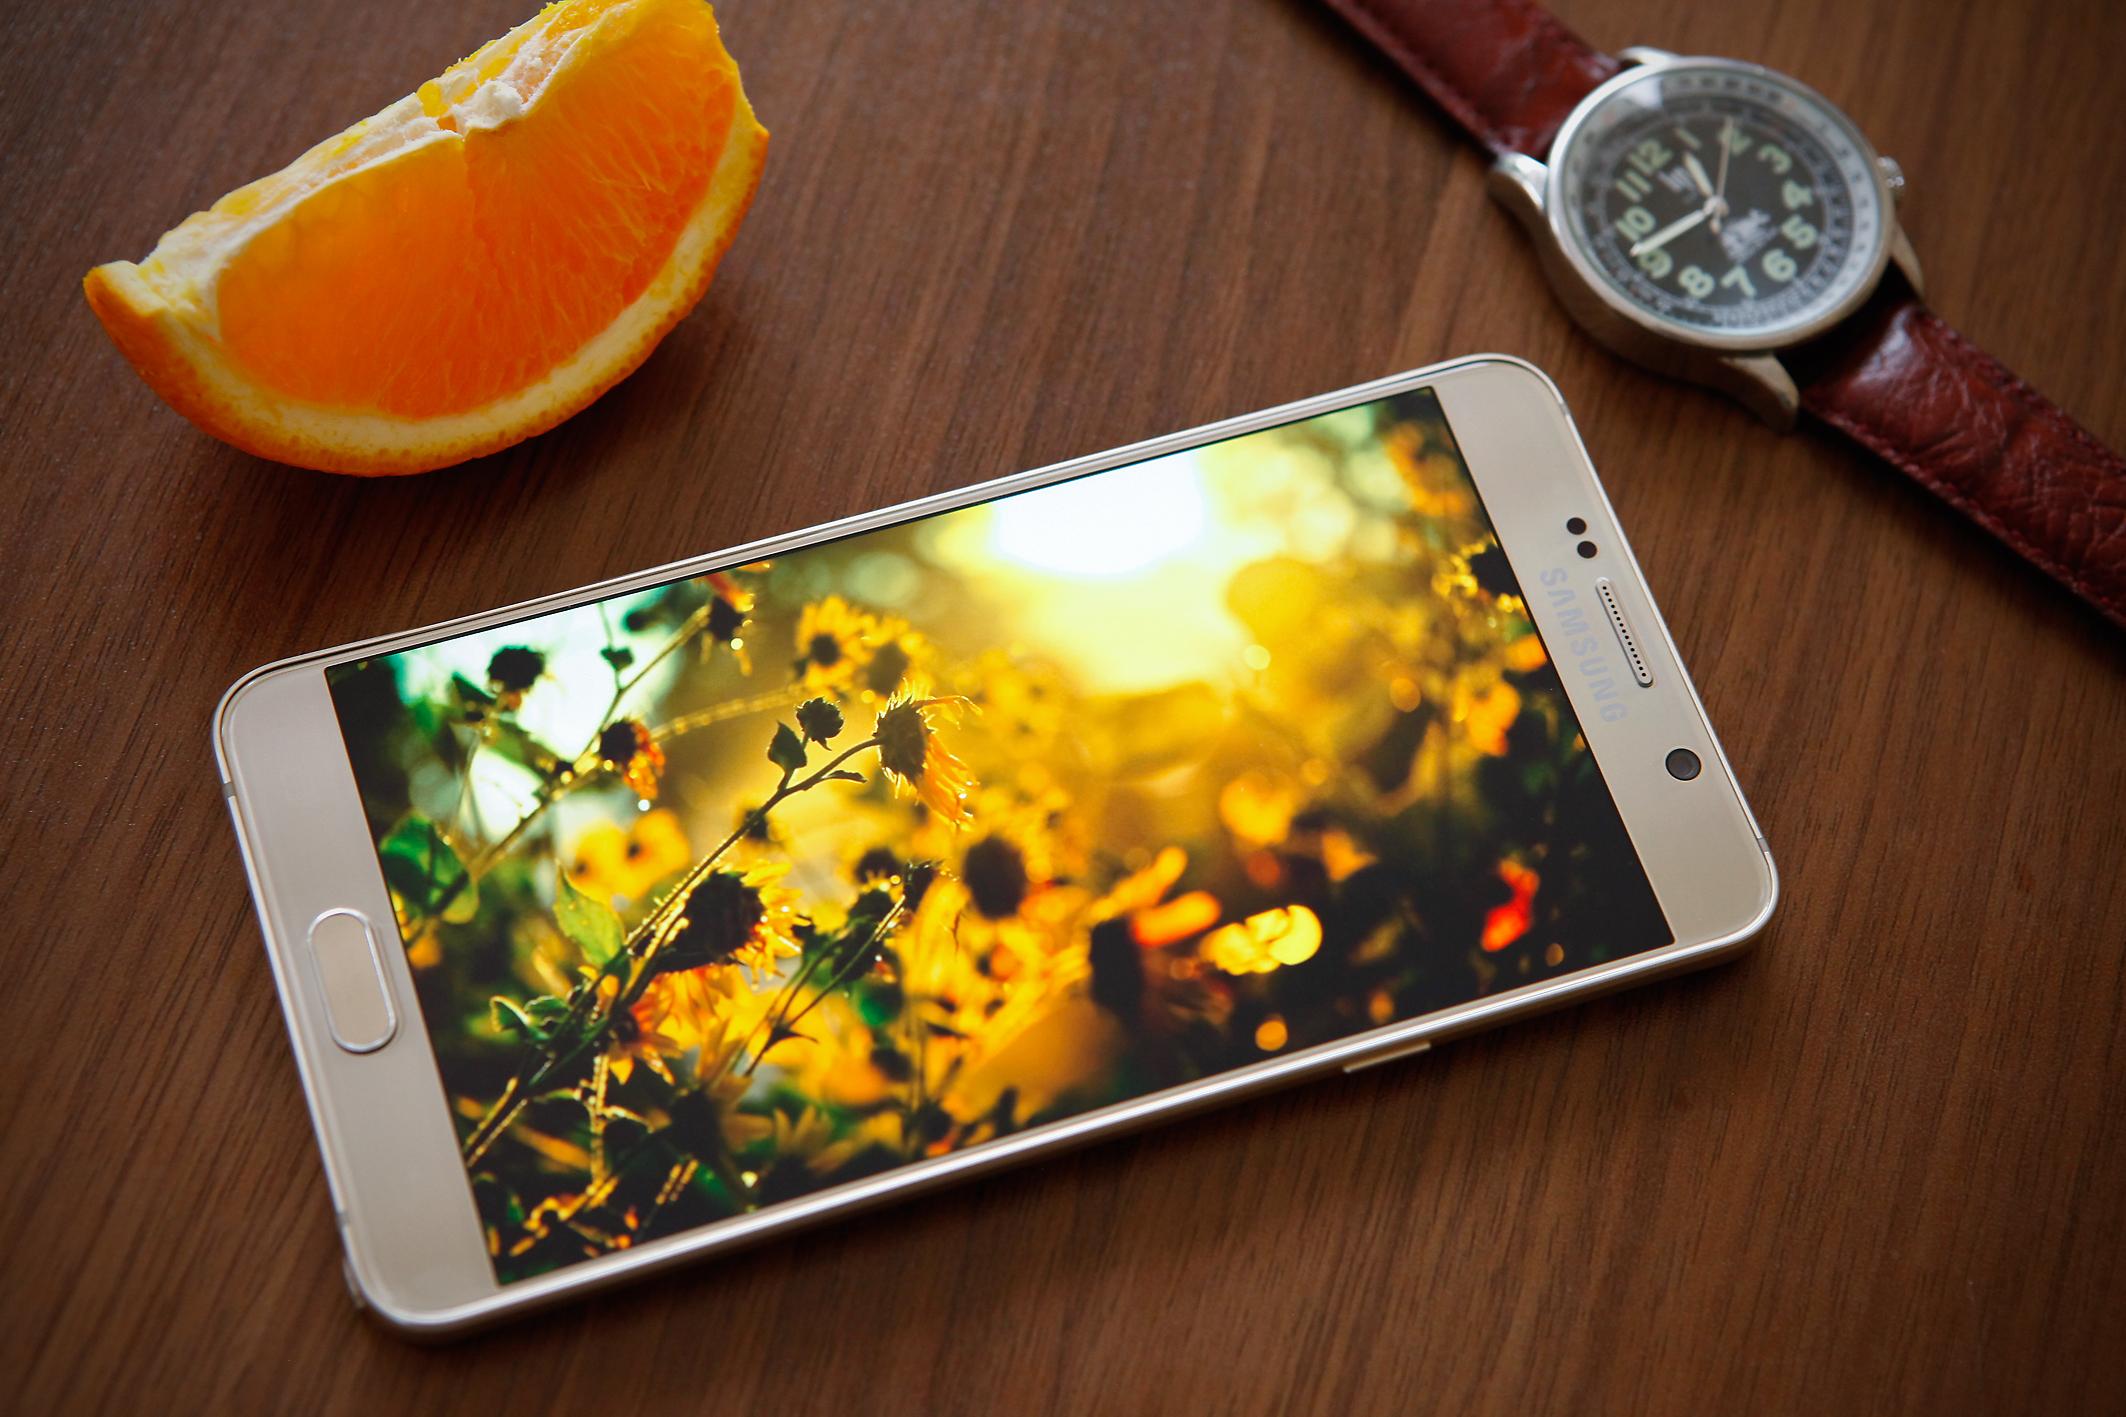 Diện mạo Galaxy S6 Edge Plus và Note 5 cá tính